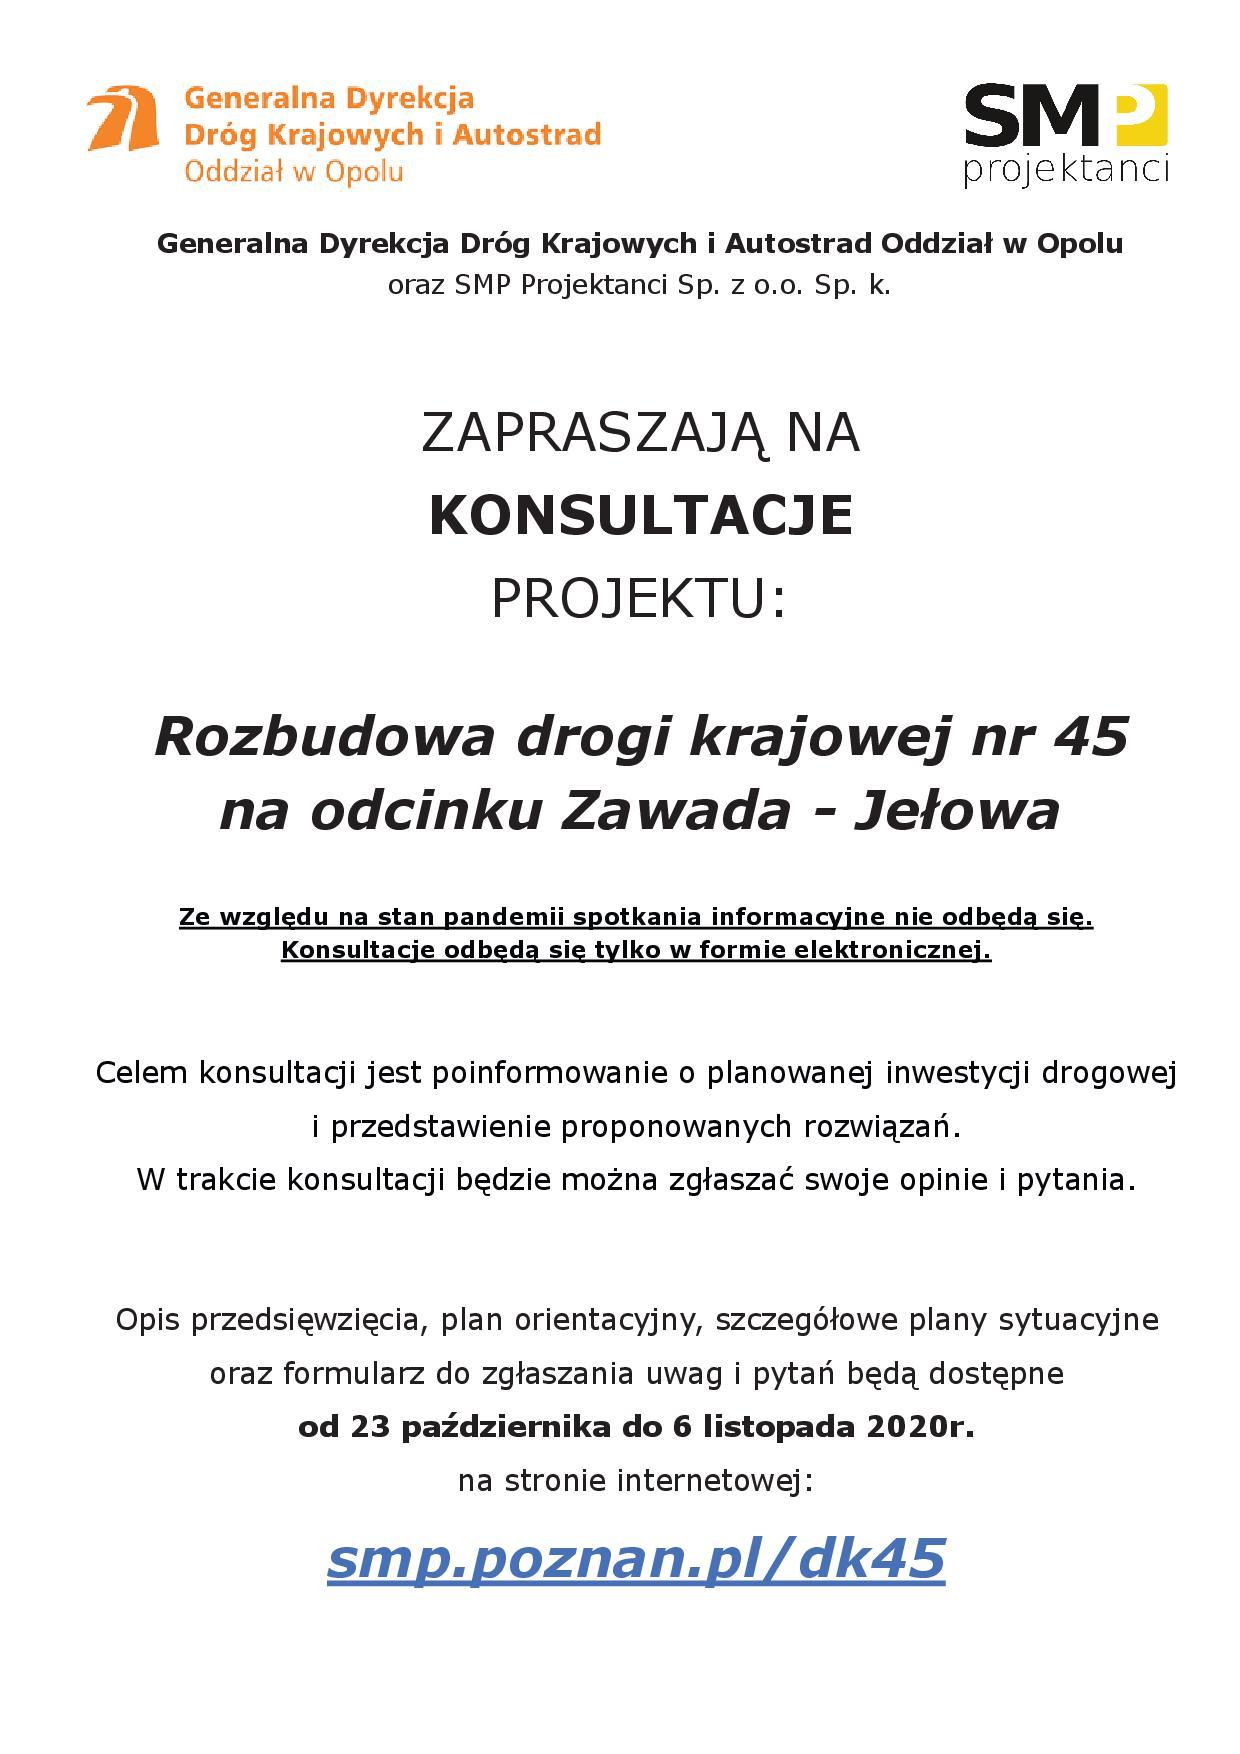 Plakat informacyjny dotyczący konsultacji projektu: Rozbudowa drogi krajowej nr 45 na odcinku Zawada - Jełowa